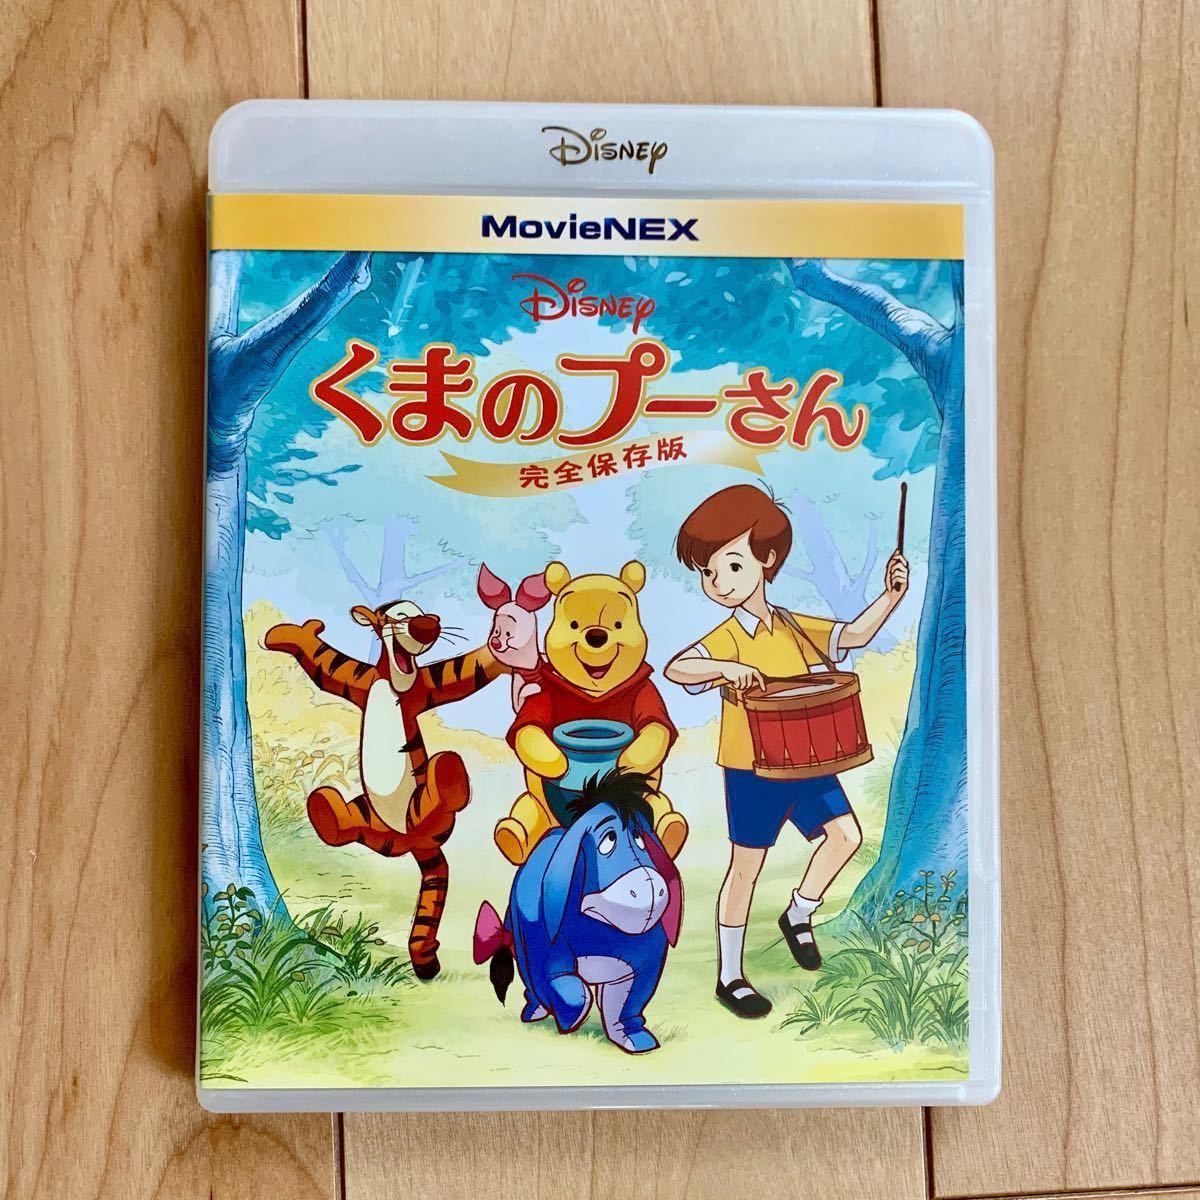 くまのプーさん完全保存版 DVDのみ【国内正規版】 新品未再生 MovieNEX Disney ディズニー